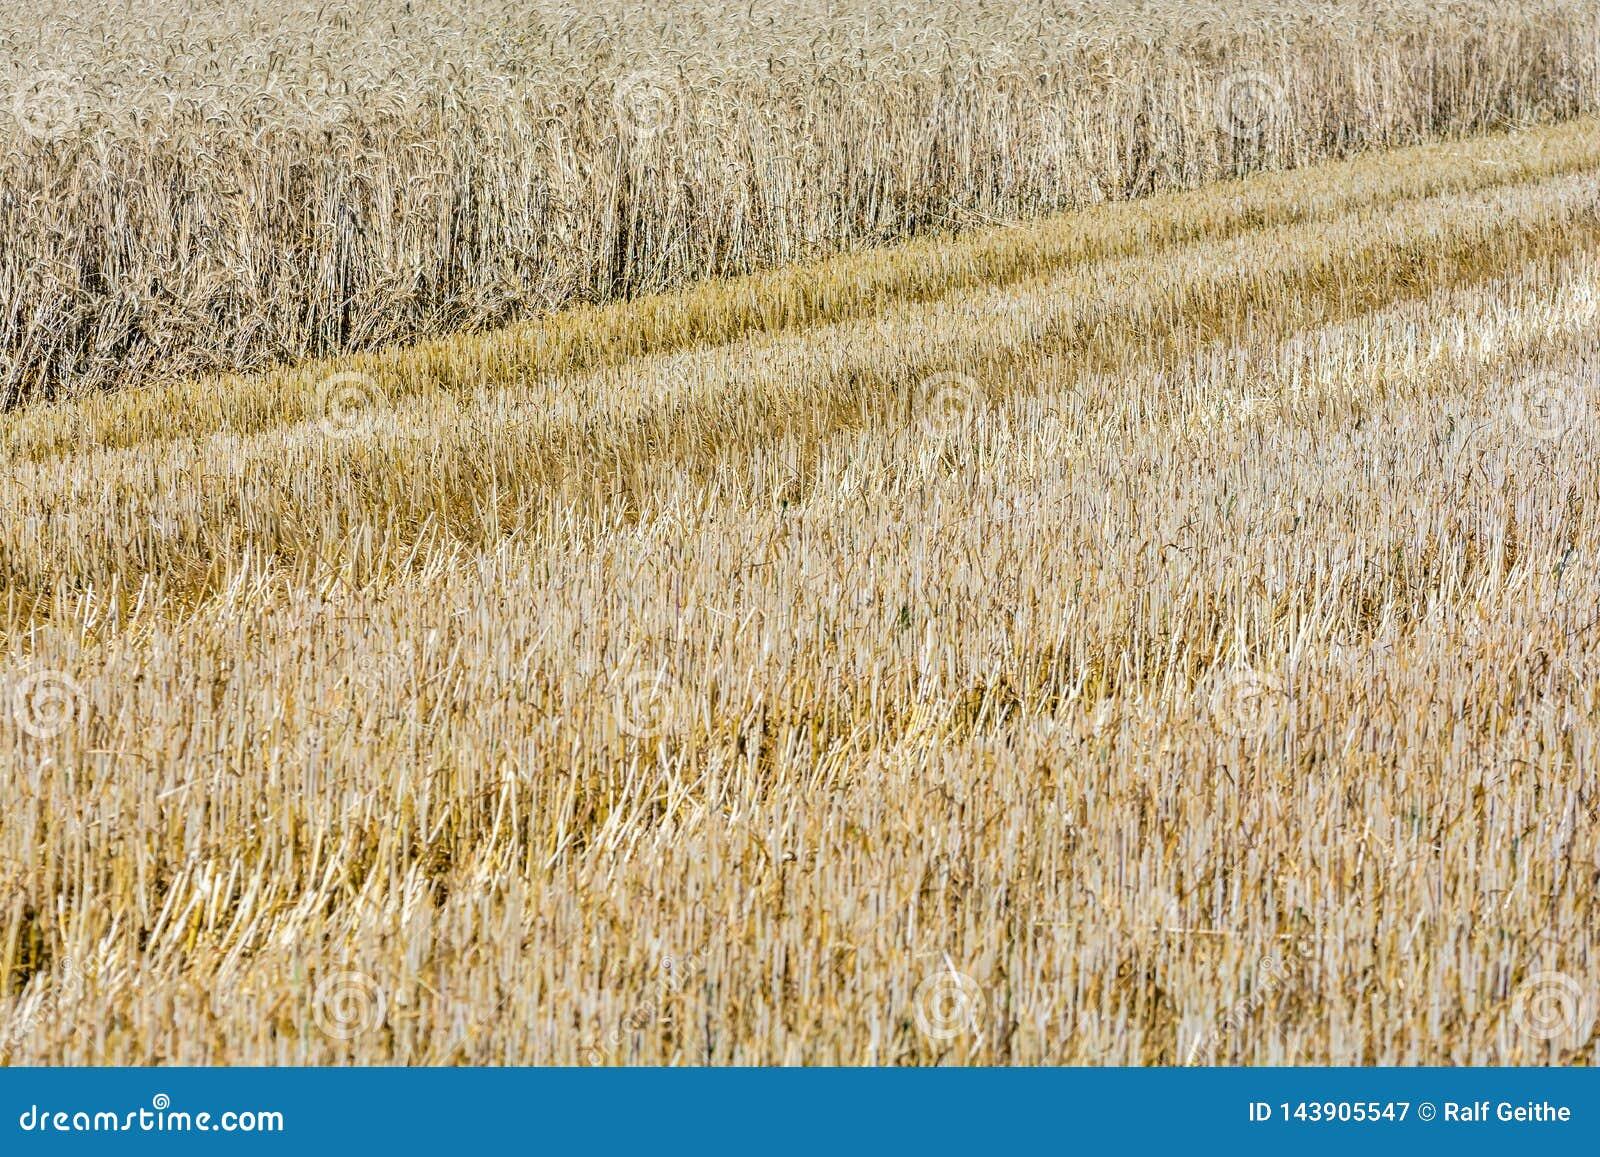 Εν μέρει συγκομισμένος τομέας δημητριακών